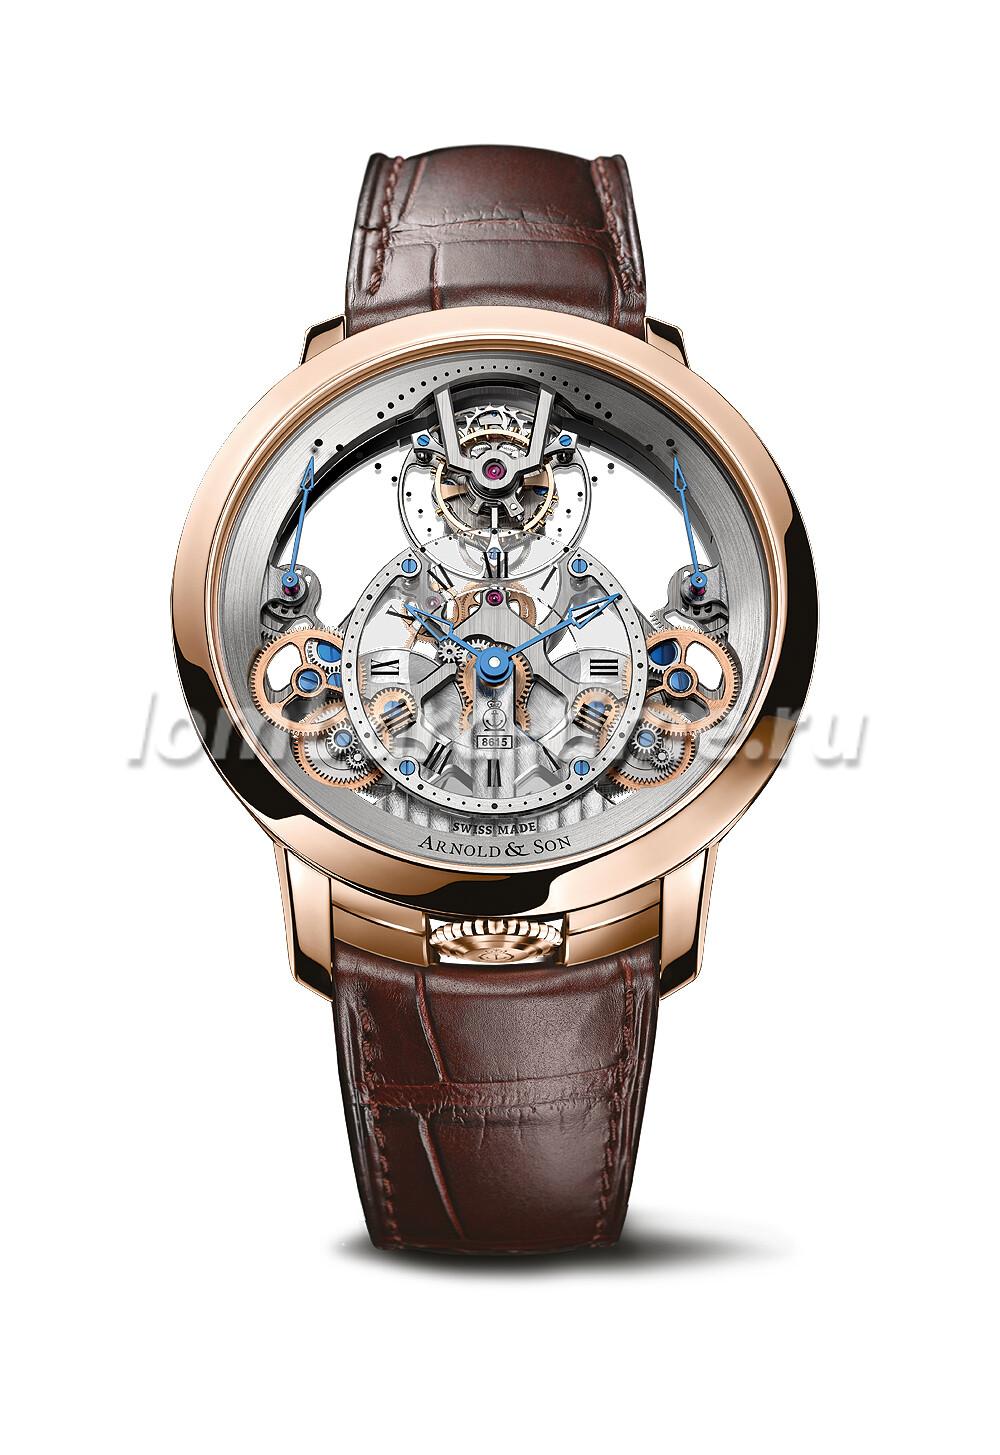 часы Arnold__Son_Time-Pyramid-Tourbillon